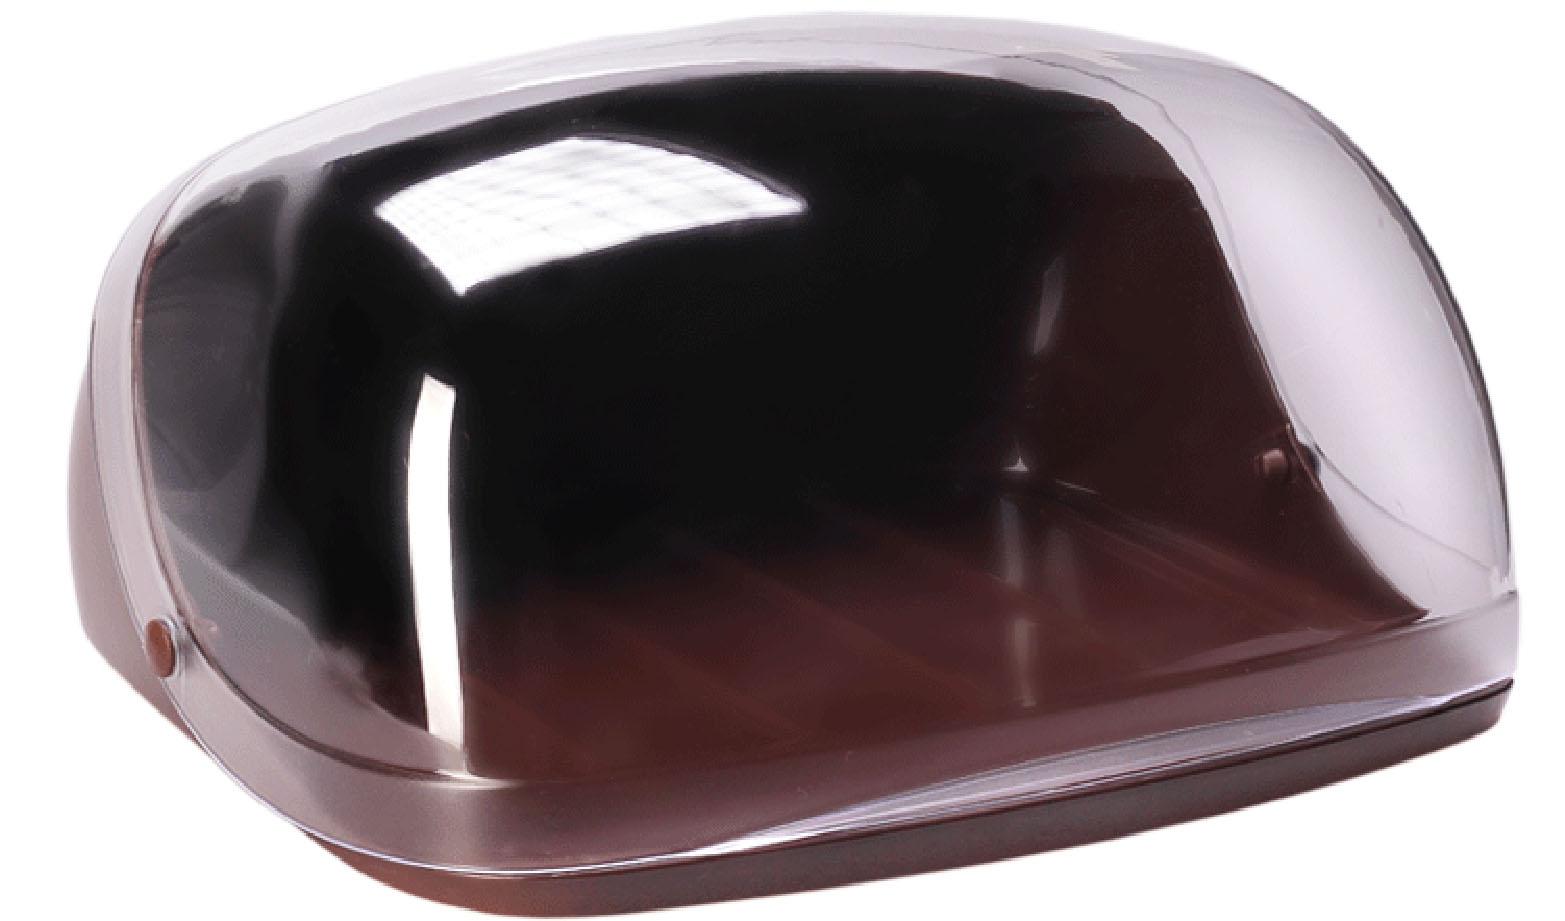 Хлебница Idea Кристалл, цвет: коричневый, прозрачный, 40 х 29 х 16 смVT-1520(SR)Хлебница Idea Кристалл, изготовленная из пищевого пластика, обеспечивает идеальные условия хранения для различных видов хлебобулочных изделий, надолго сохраняя их свежесть. Изделие оснащено плотно закрывающейся крышкой, защищающей продукты от воздействия внешних факторов (запахов и влаги).Вместительность, функциональность и стильный дизайн позволят хлебнице стать не только незаменимым аксессуаром на кухне, но и предметом украшения интерьера. В ней хлеб всегда останется свежим и вкусным.